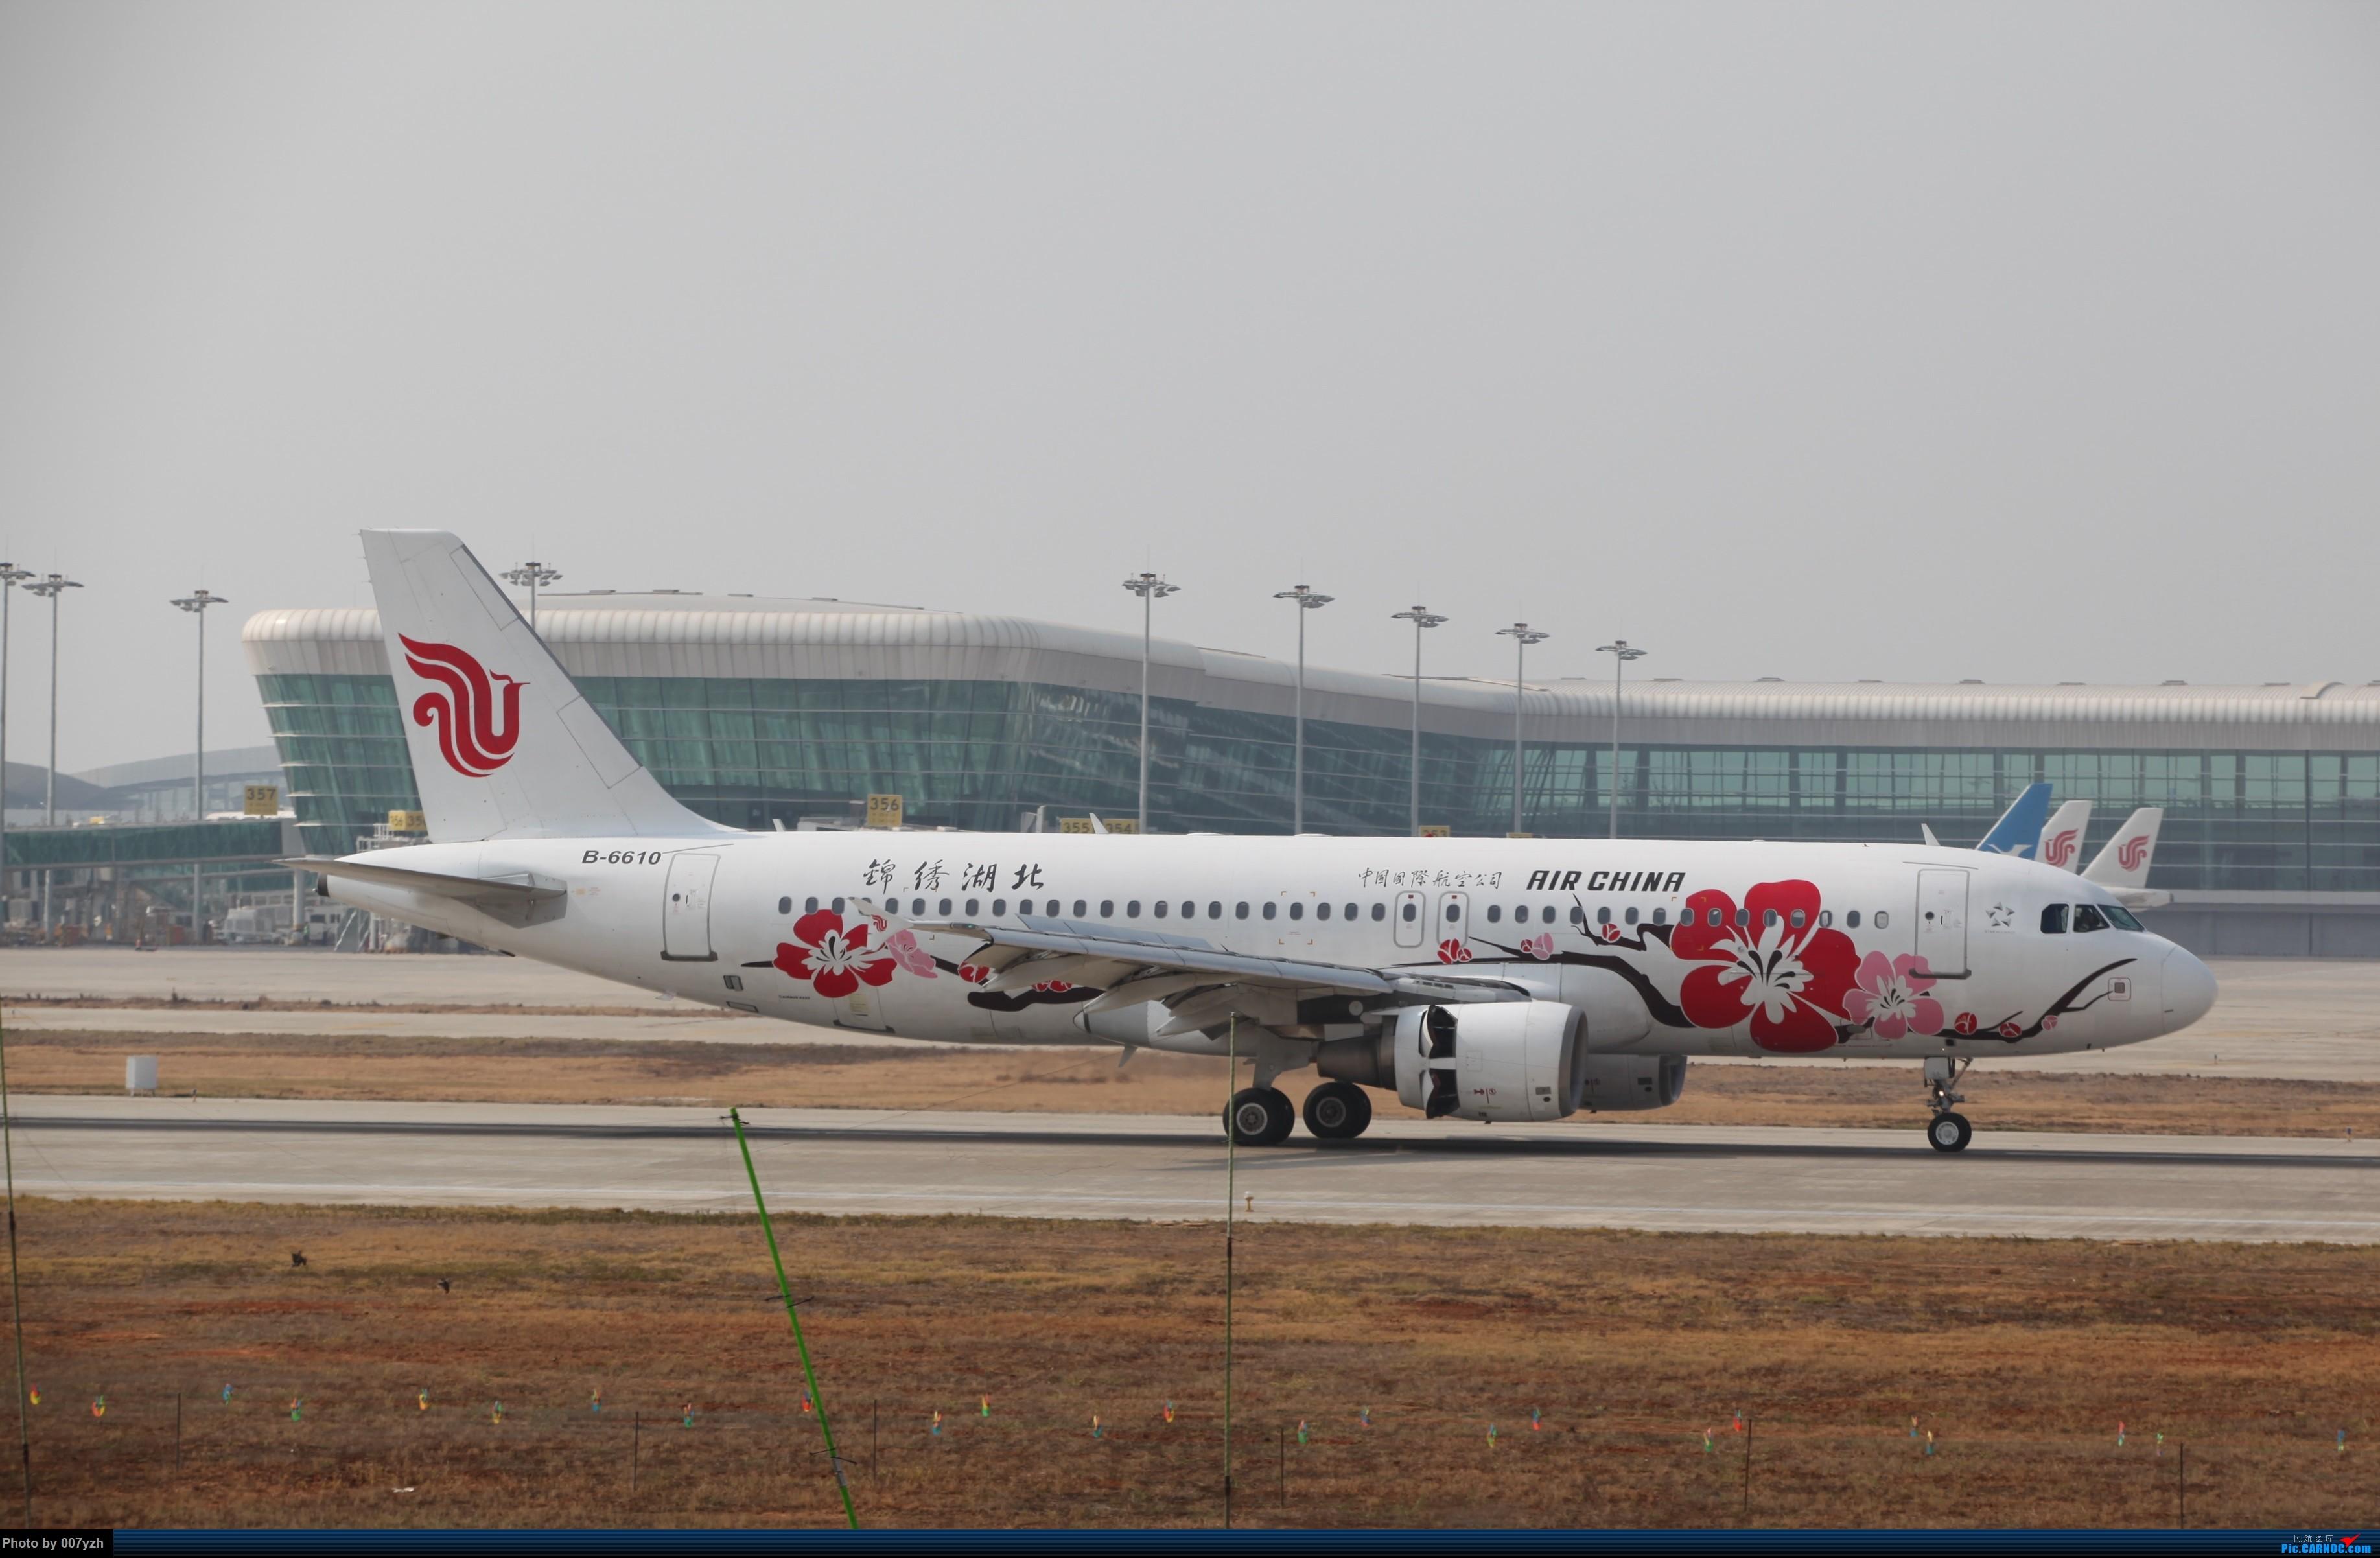 Re:[原创]WUH小拍,终于找到了在WUH拍机的组织 AIRBUS A320-200 B-6610 中国武汉天河国际机场